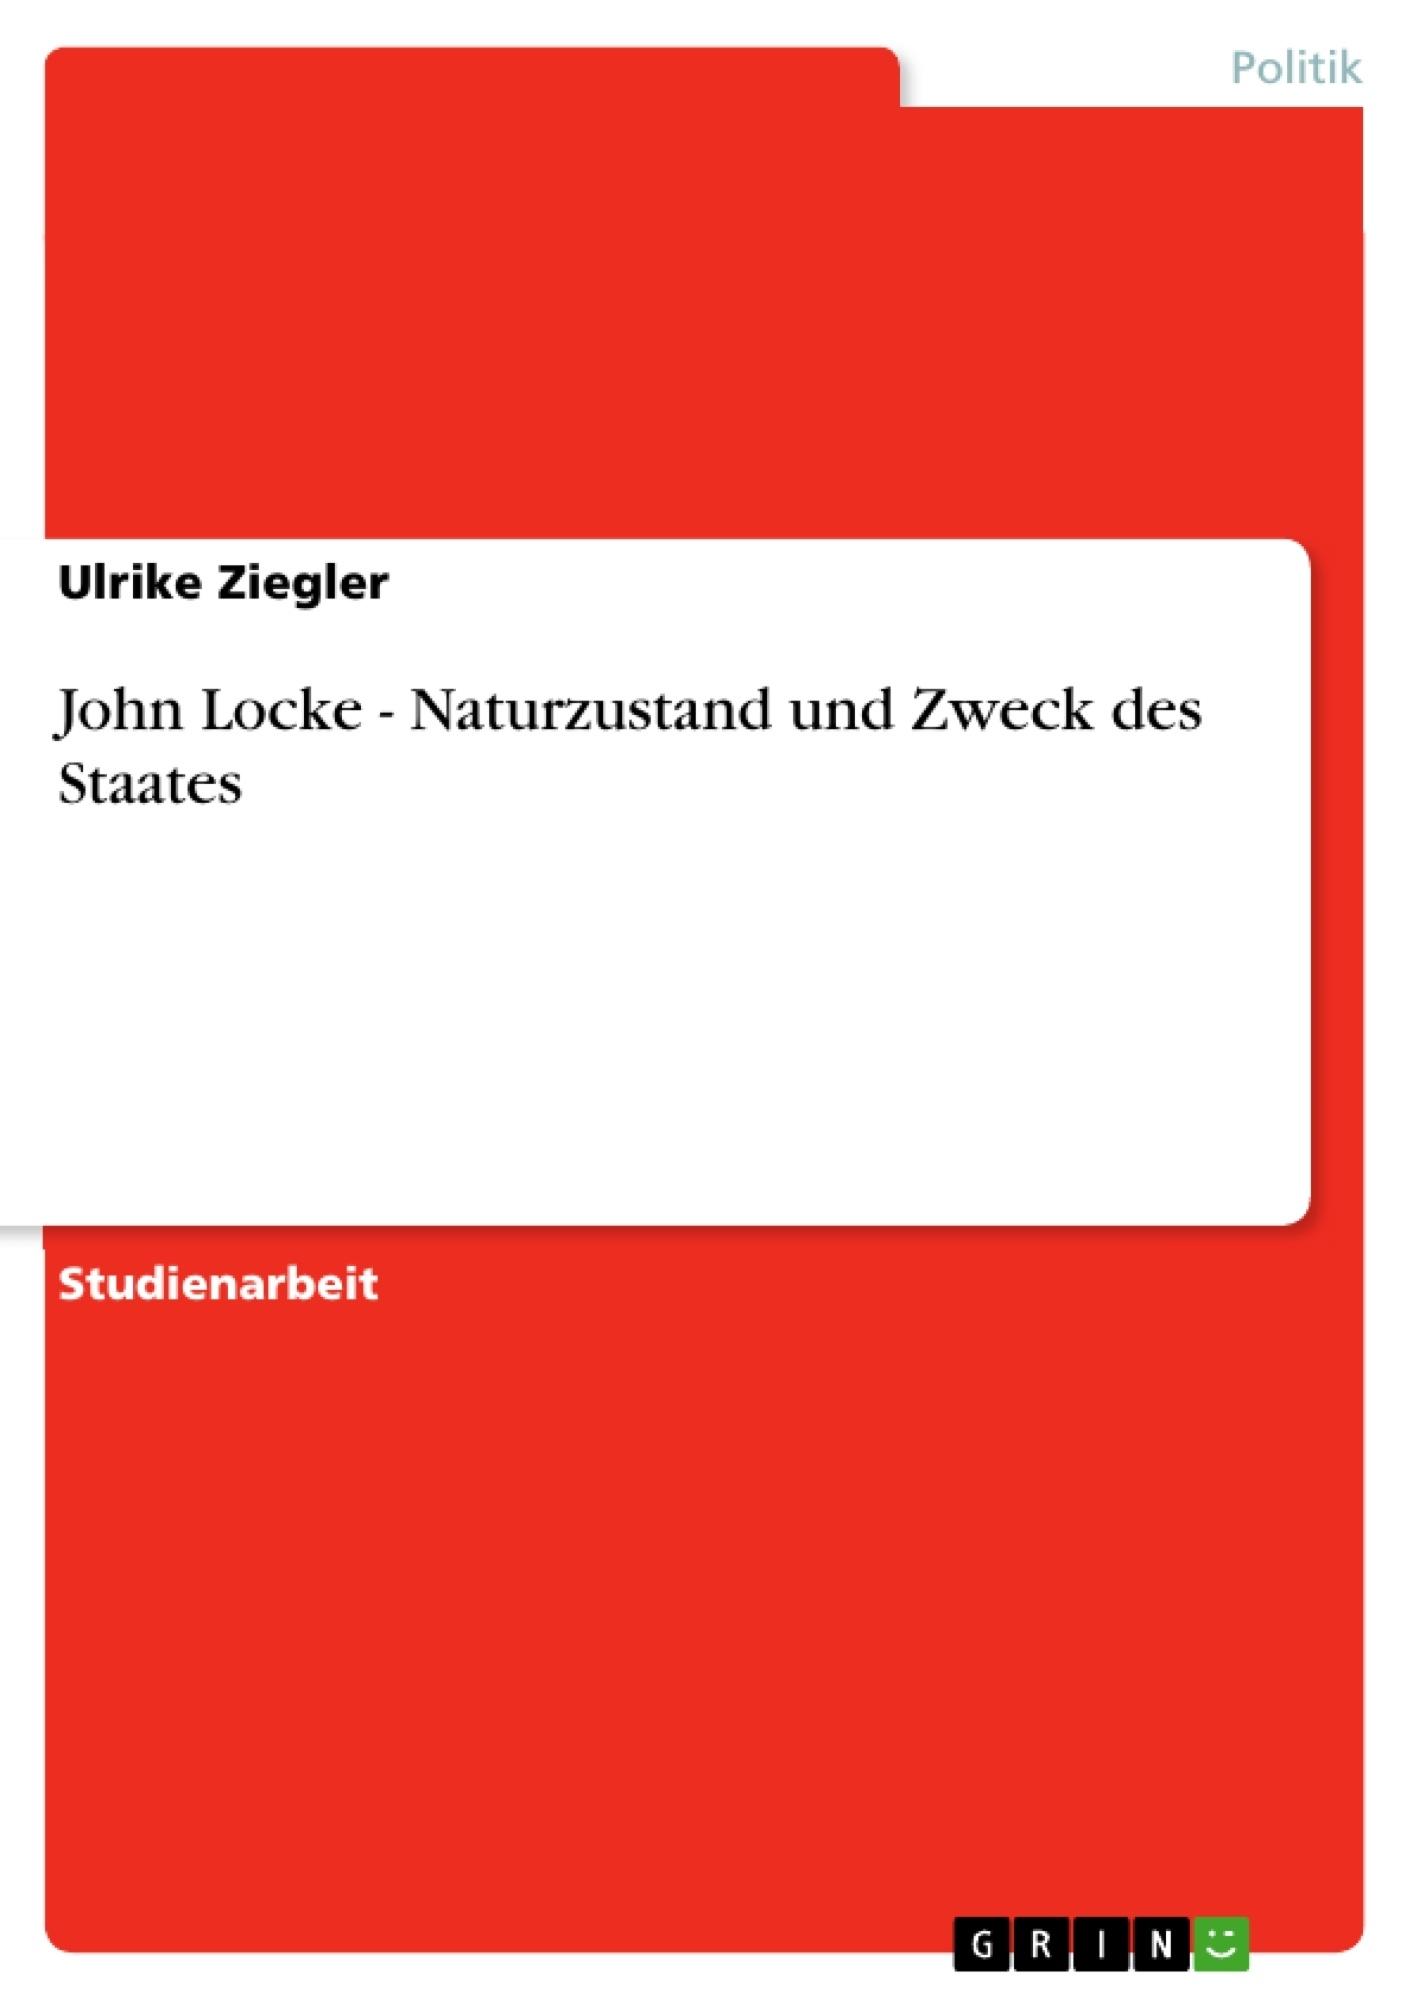 Titel: John Locke - Naturzustand und Zweck des Staates